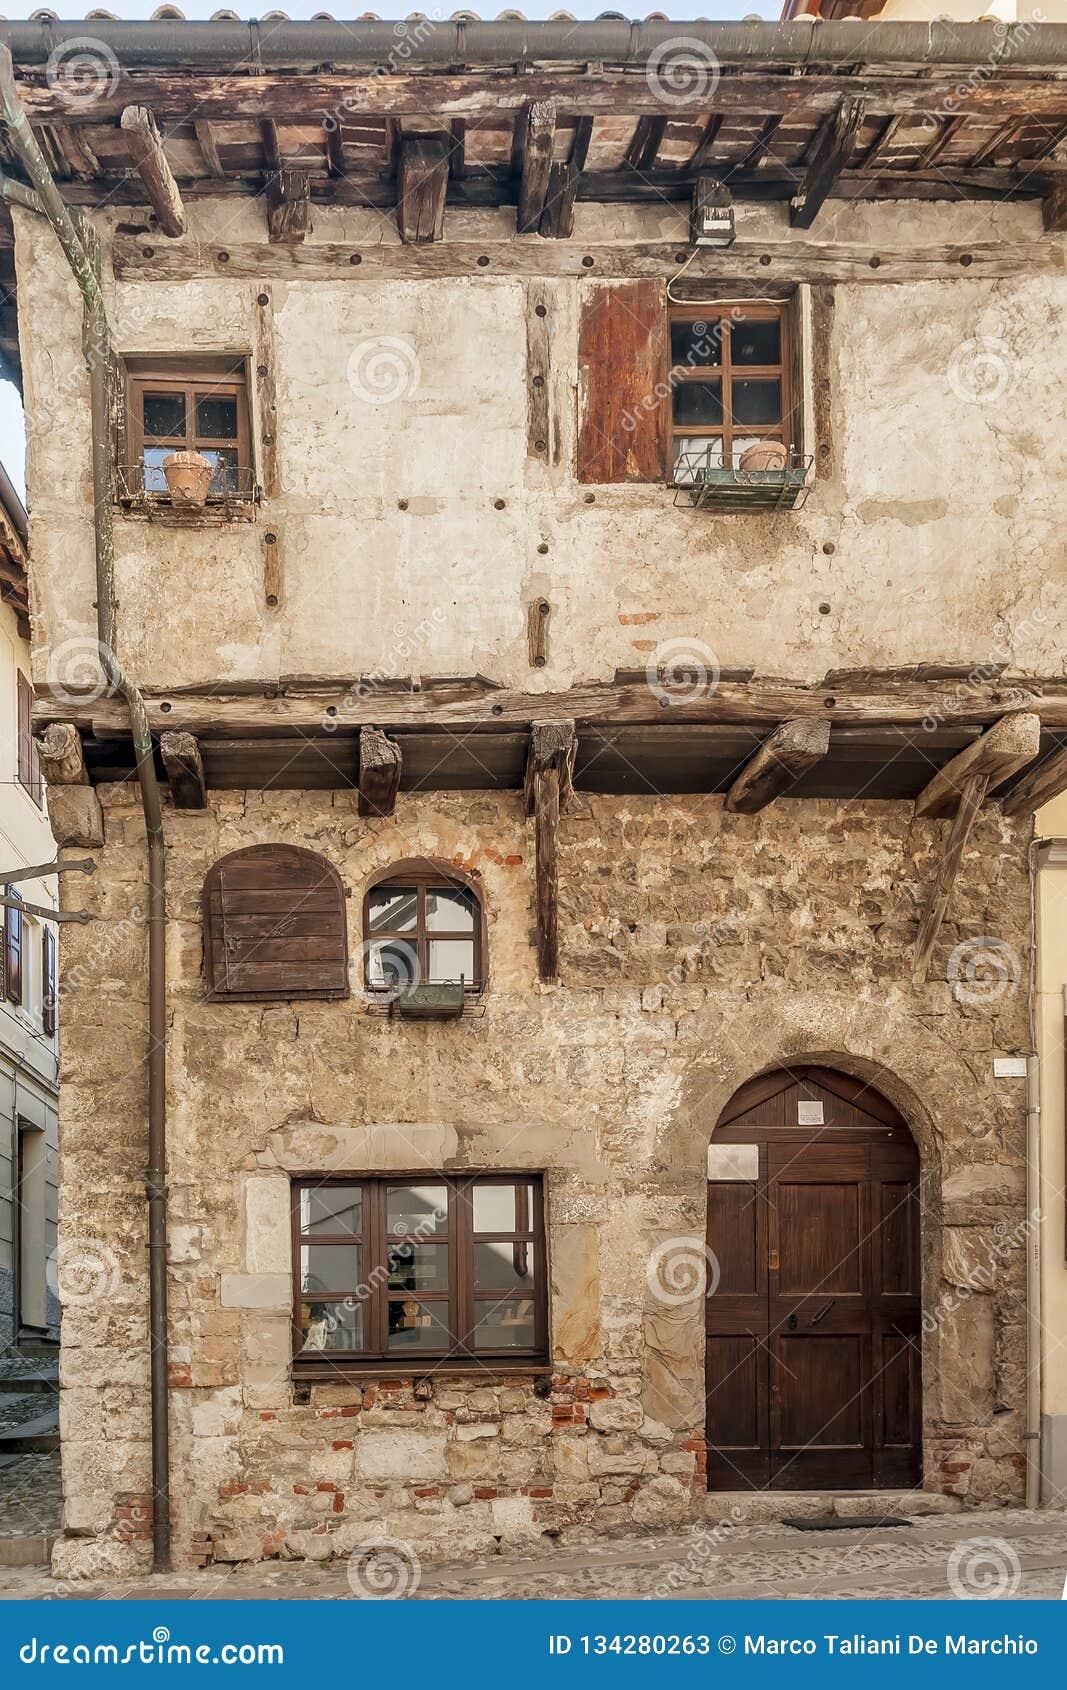 Casa medieval típica de Itália do norte em Cividale del Friuli, Udine, Friuli Venezia Giulia, Itália